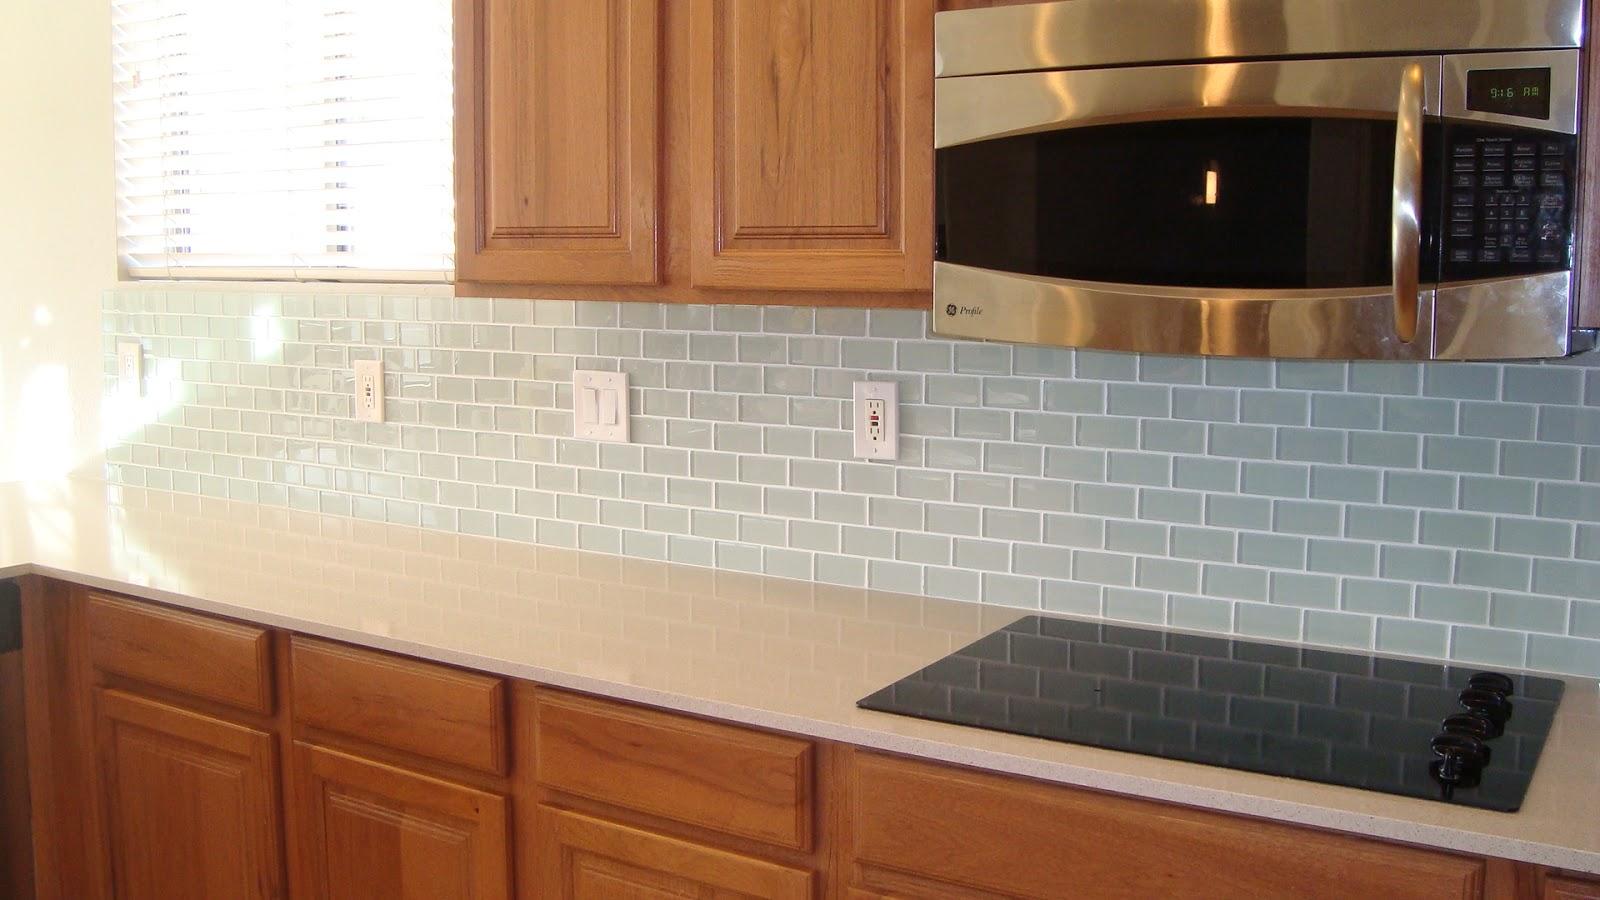 Displaying 17 gt images for light blue glass tile backsplash